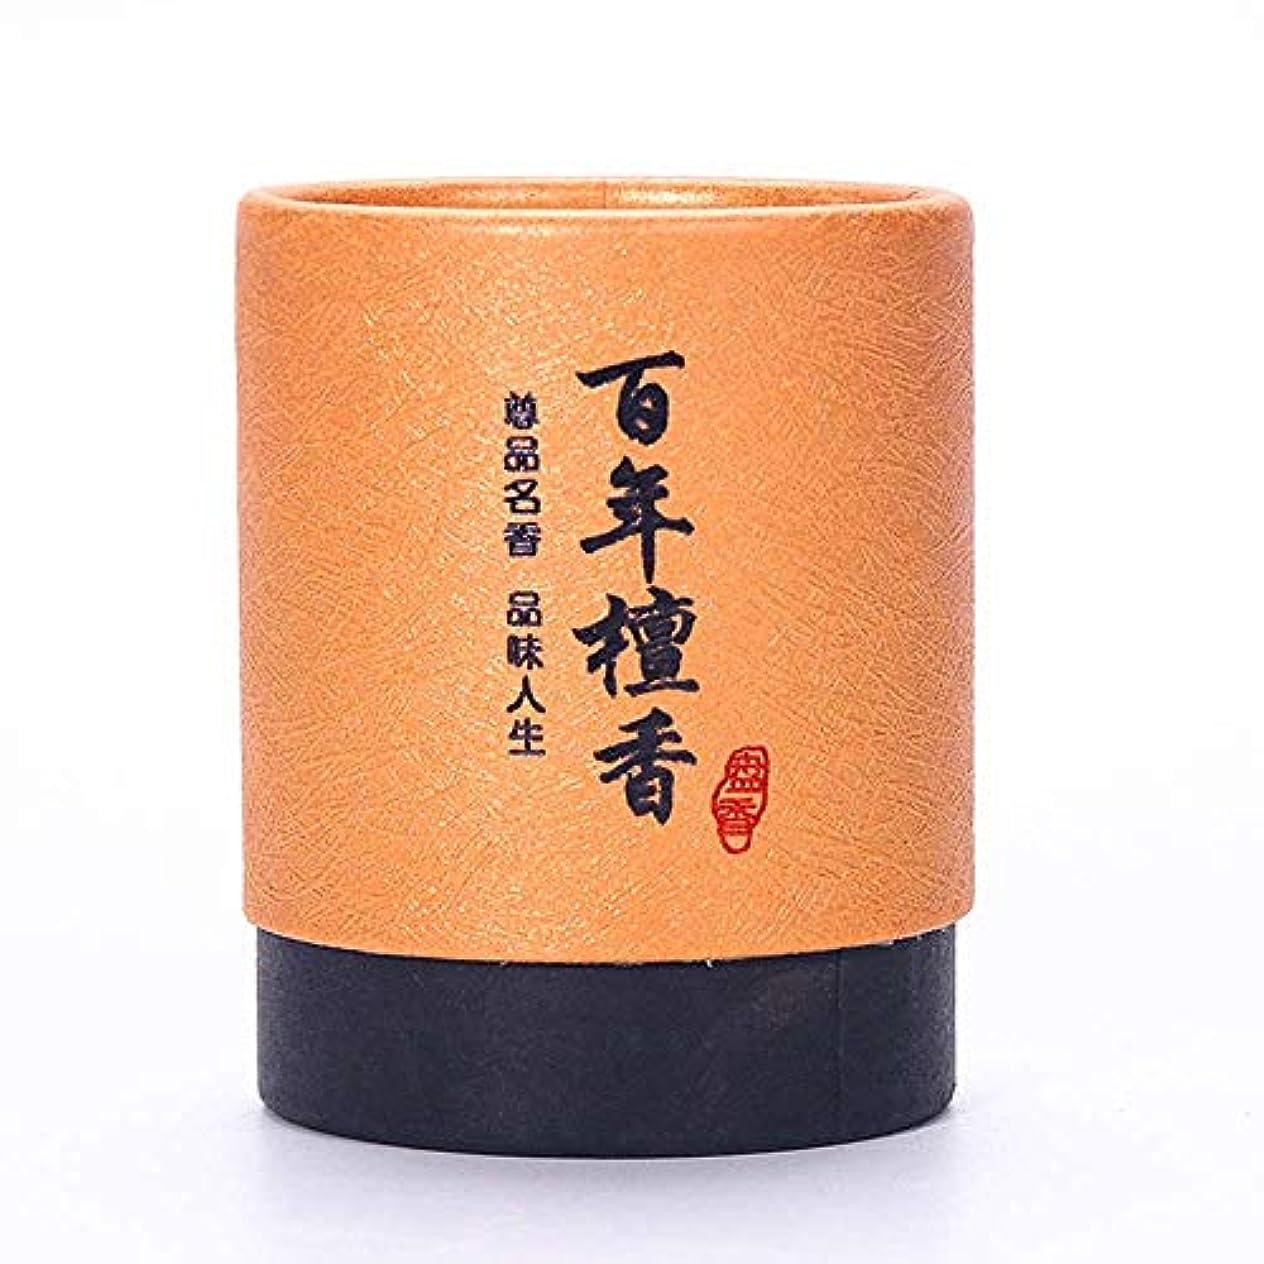 番目告白頻繁にHwaGui お香 2時間 盤香 渦巻き線香 優しい香り 48巻入 (百年檀香)